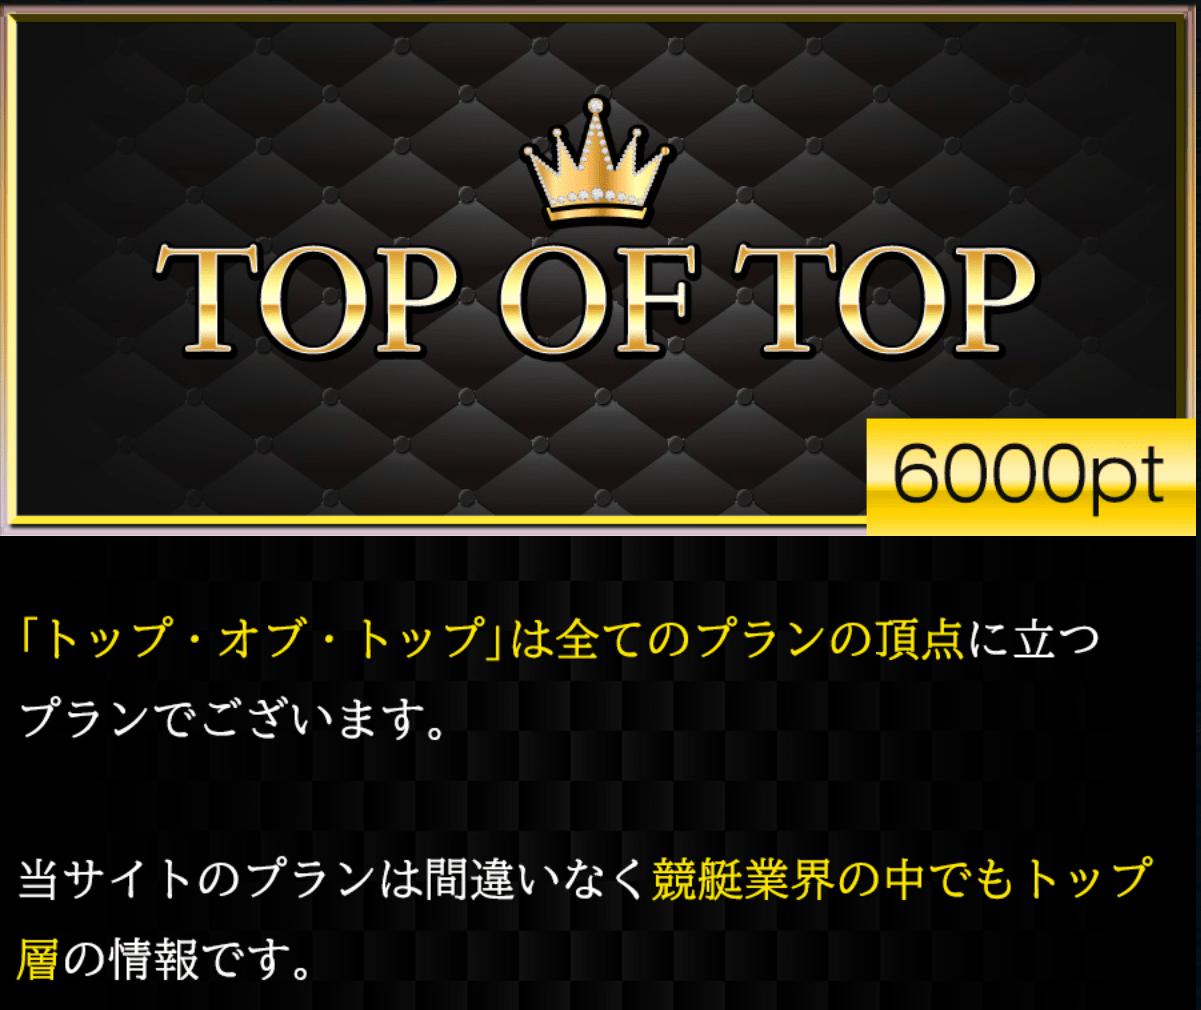 リーダーシップ_有料情報_TOP_OF_TOP